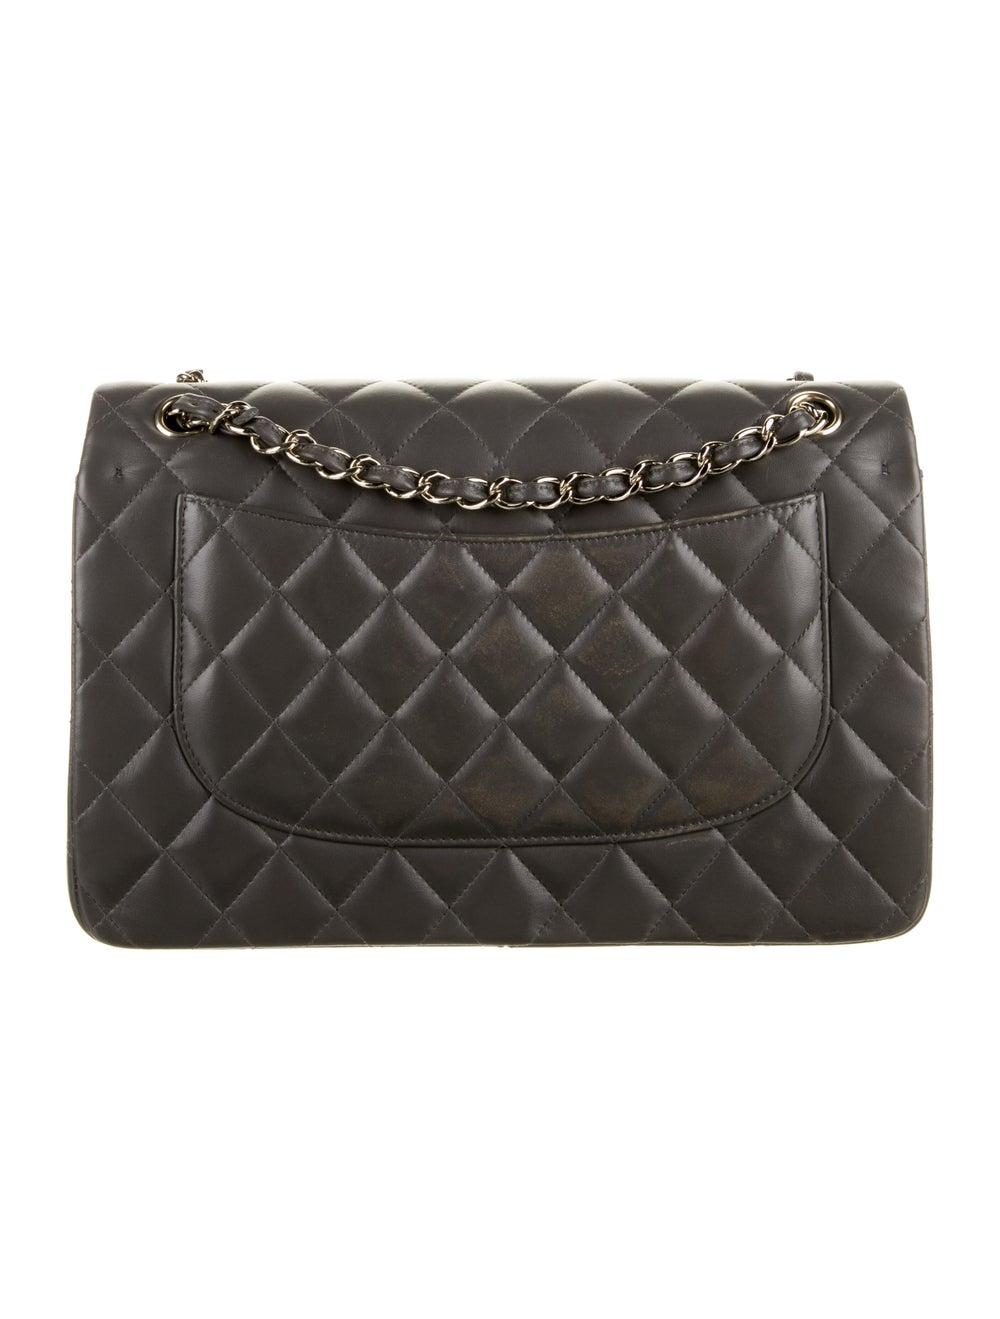 Chanel 2020 Classic Jumbo Double Flap Bag Grey - image 4